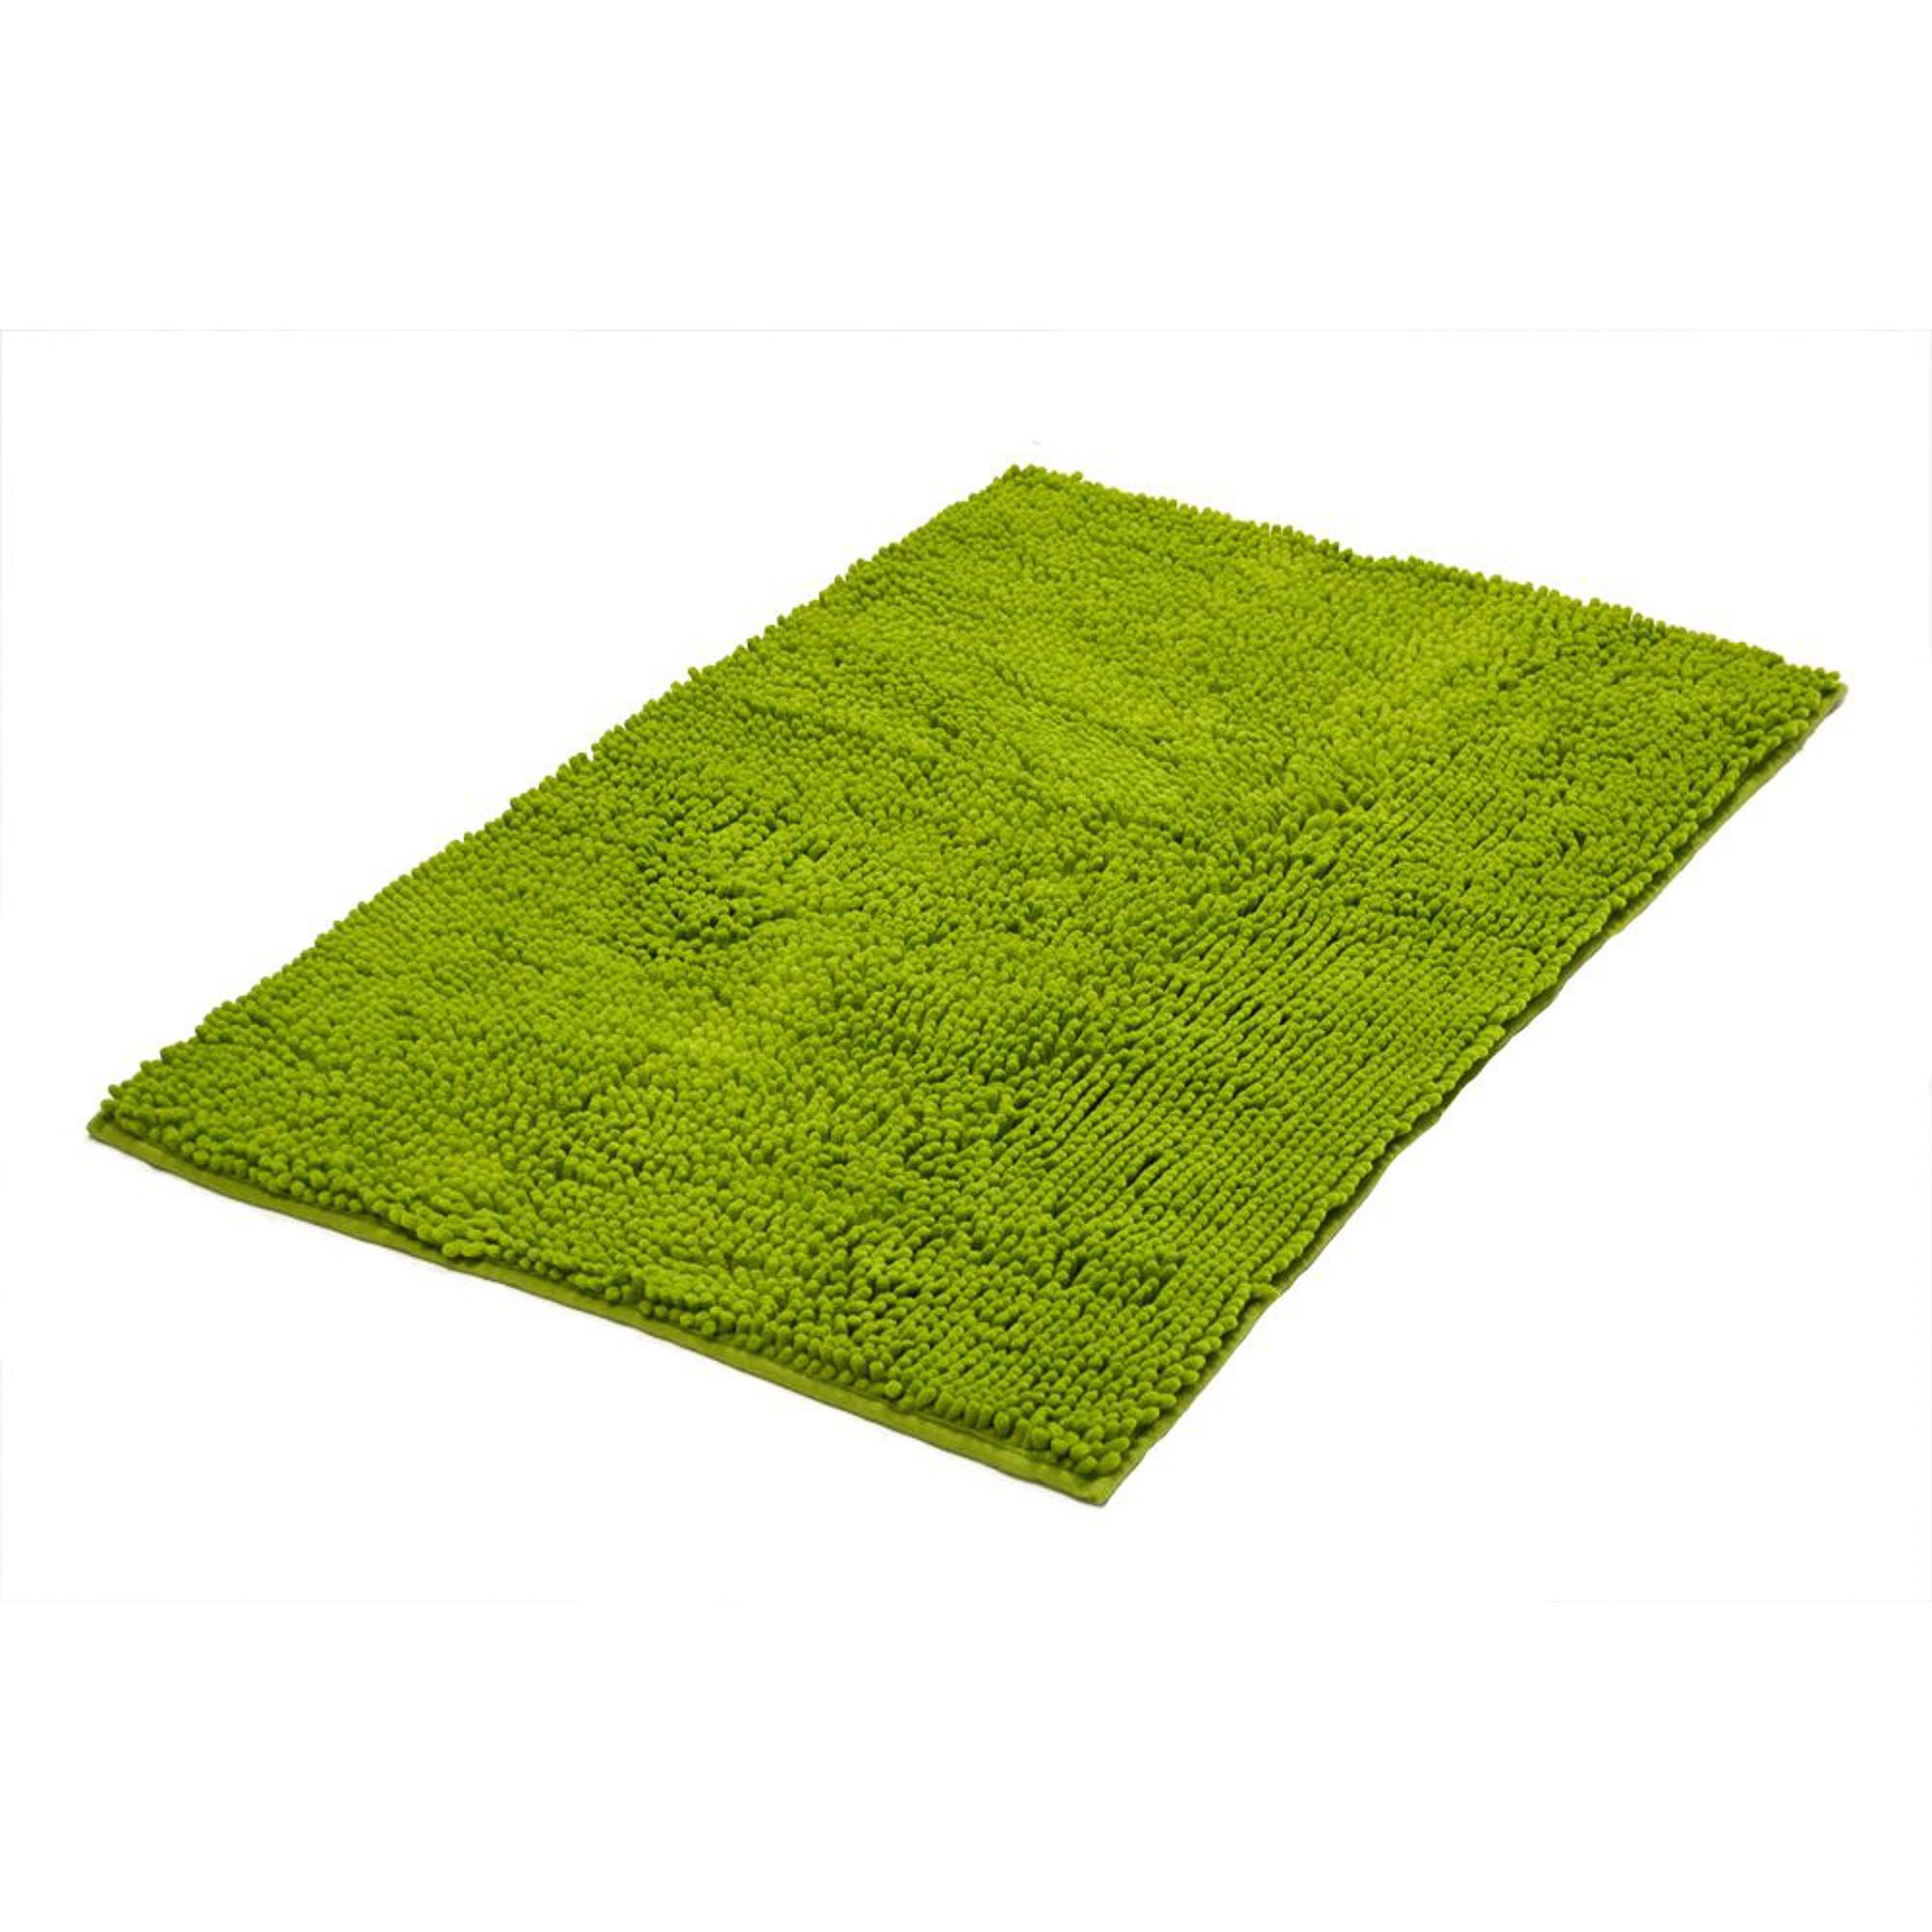 Коврик для ванной комнаты Soft зеленый 55*85 Ridder коврик для ванной комнаты white clean